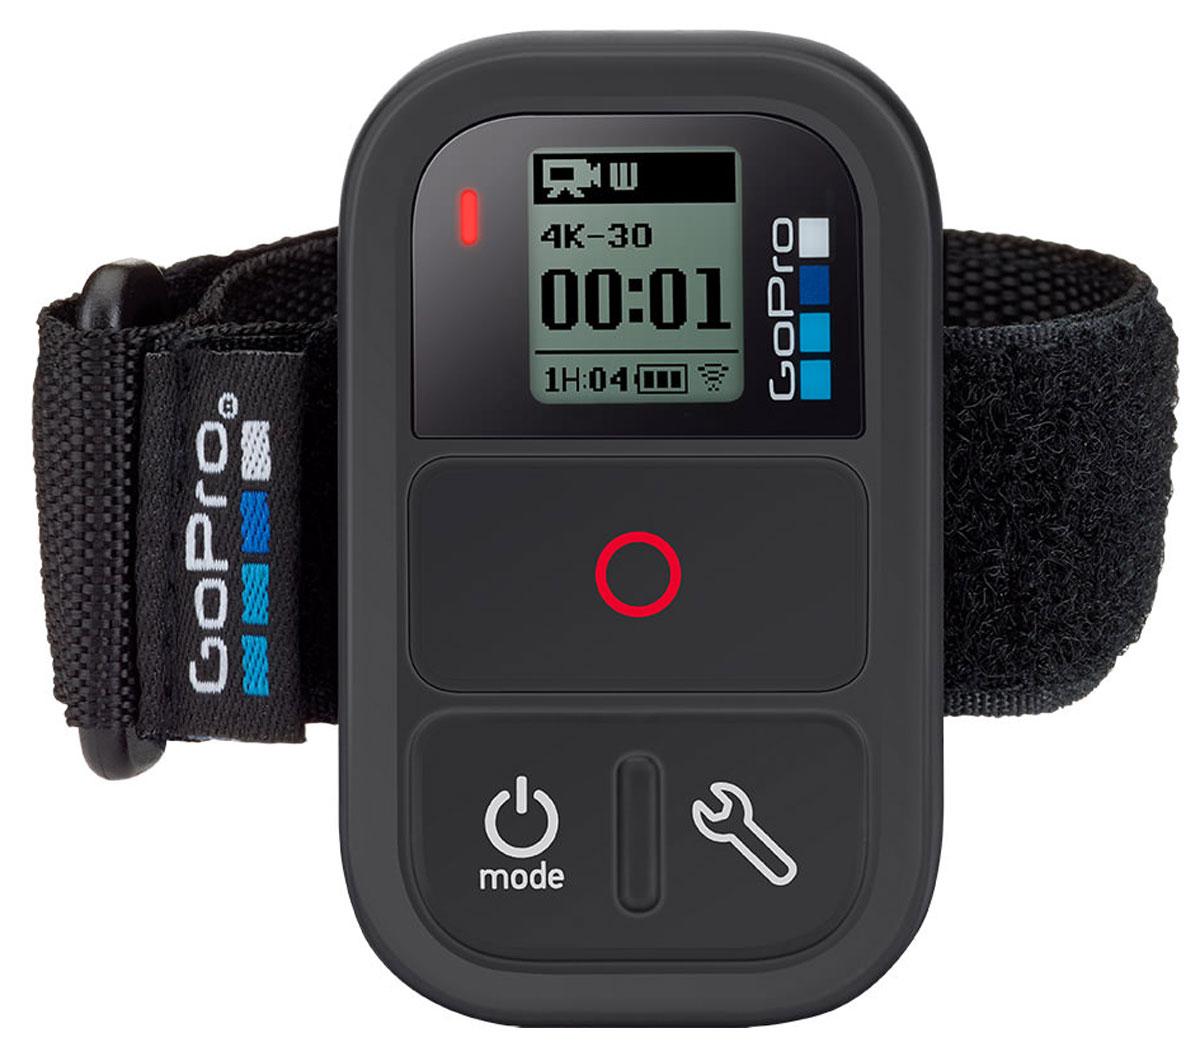 GoPro Smart Remote пульт управления Wi-FiARMTE-002GoPro Smart Remote - обновленная модель пульта дистанционного управления для HERO3/3+/4. На пульте появилась отдельная клавиша для управления меню настроек камеры и на 40% увеличена емкость встроенного аккумулятора.С пультом вы можете начать/остановить запись, включить и выключить камеру и имеете дистанционный доступ к настройкам камеры в любой момент. Вся информация с ЖК дисплея камеры дублируется на встроенном экране пульта. GoPro Smart Remote позволяет легко управлять несколькими камерами GoPro в количестве до 50 штук одновременно и на расстоянии до 180 м. Водонепроницаемый корпус позволяет погружаться с пультом на глубину до 10 м.